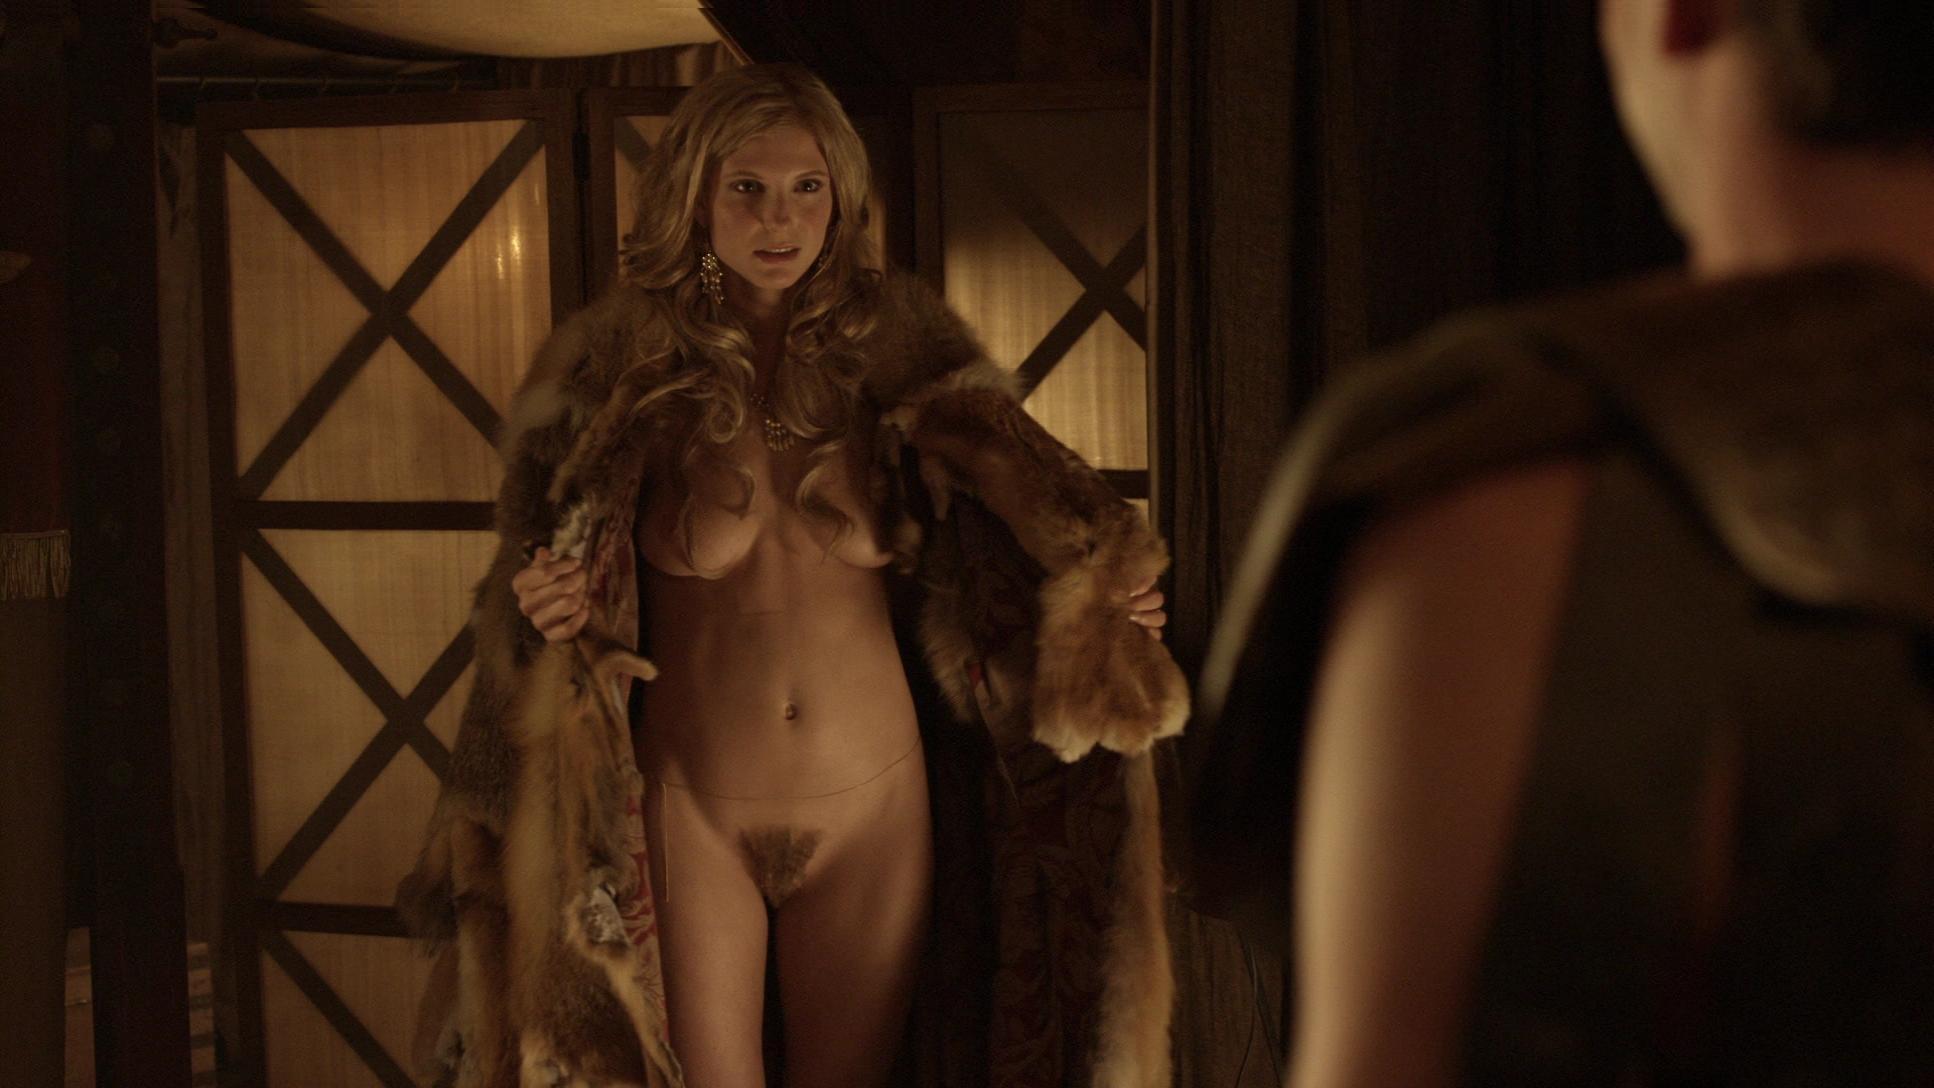 Bianca kajlich foto desnuda